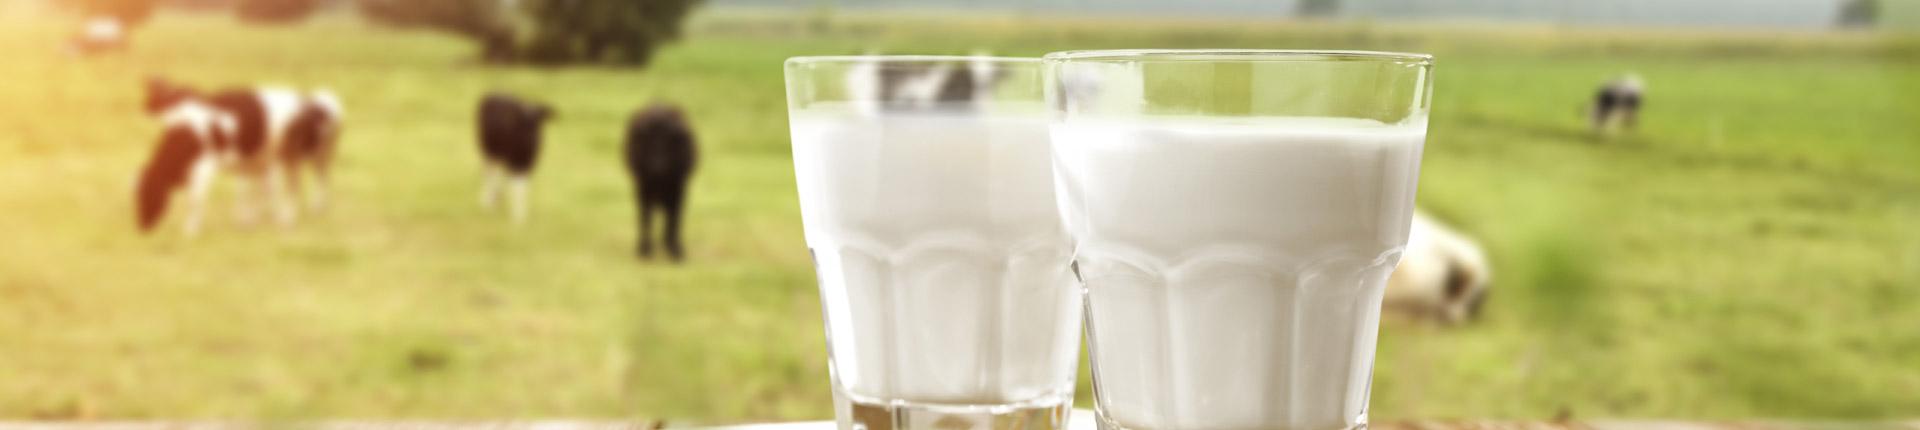 Antybiotyki i hormony w mleku. Czy mleko ekologiczne jest zdrowsze?